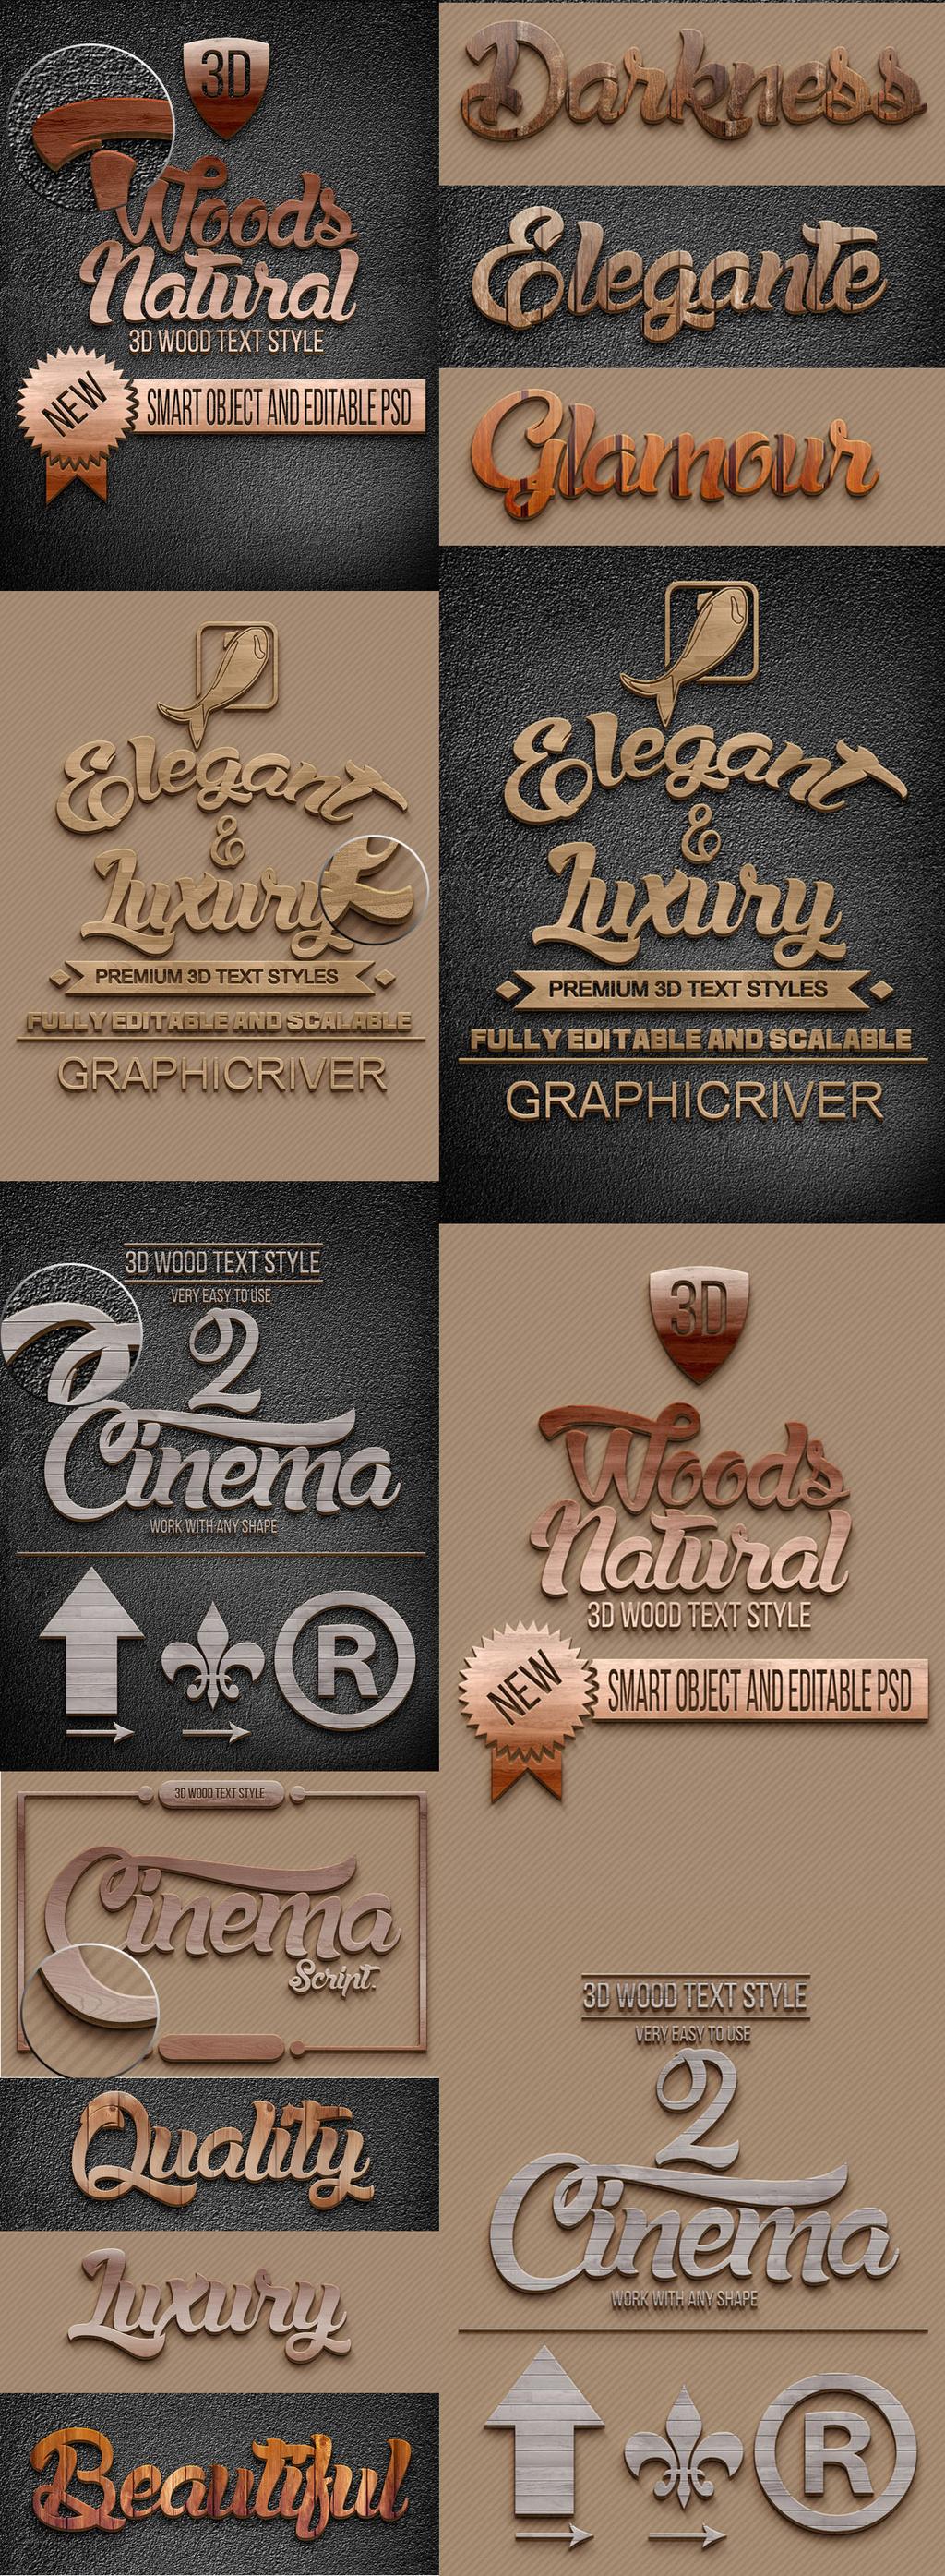 设计真皮木头纹路木质艺术字体皮革背景